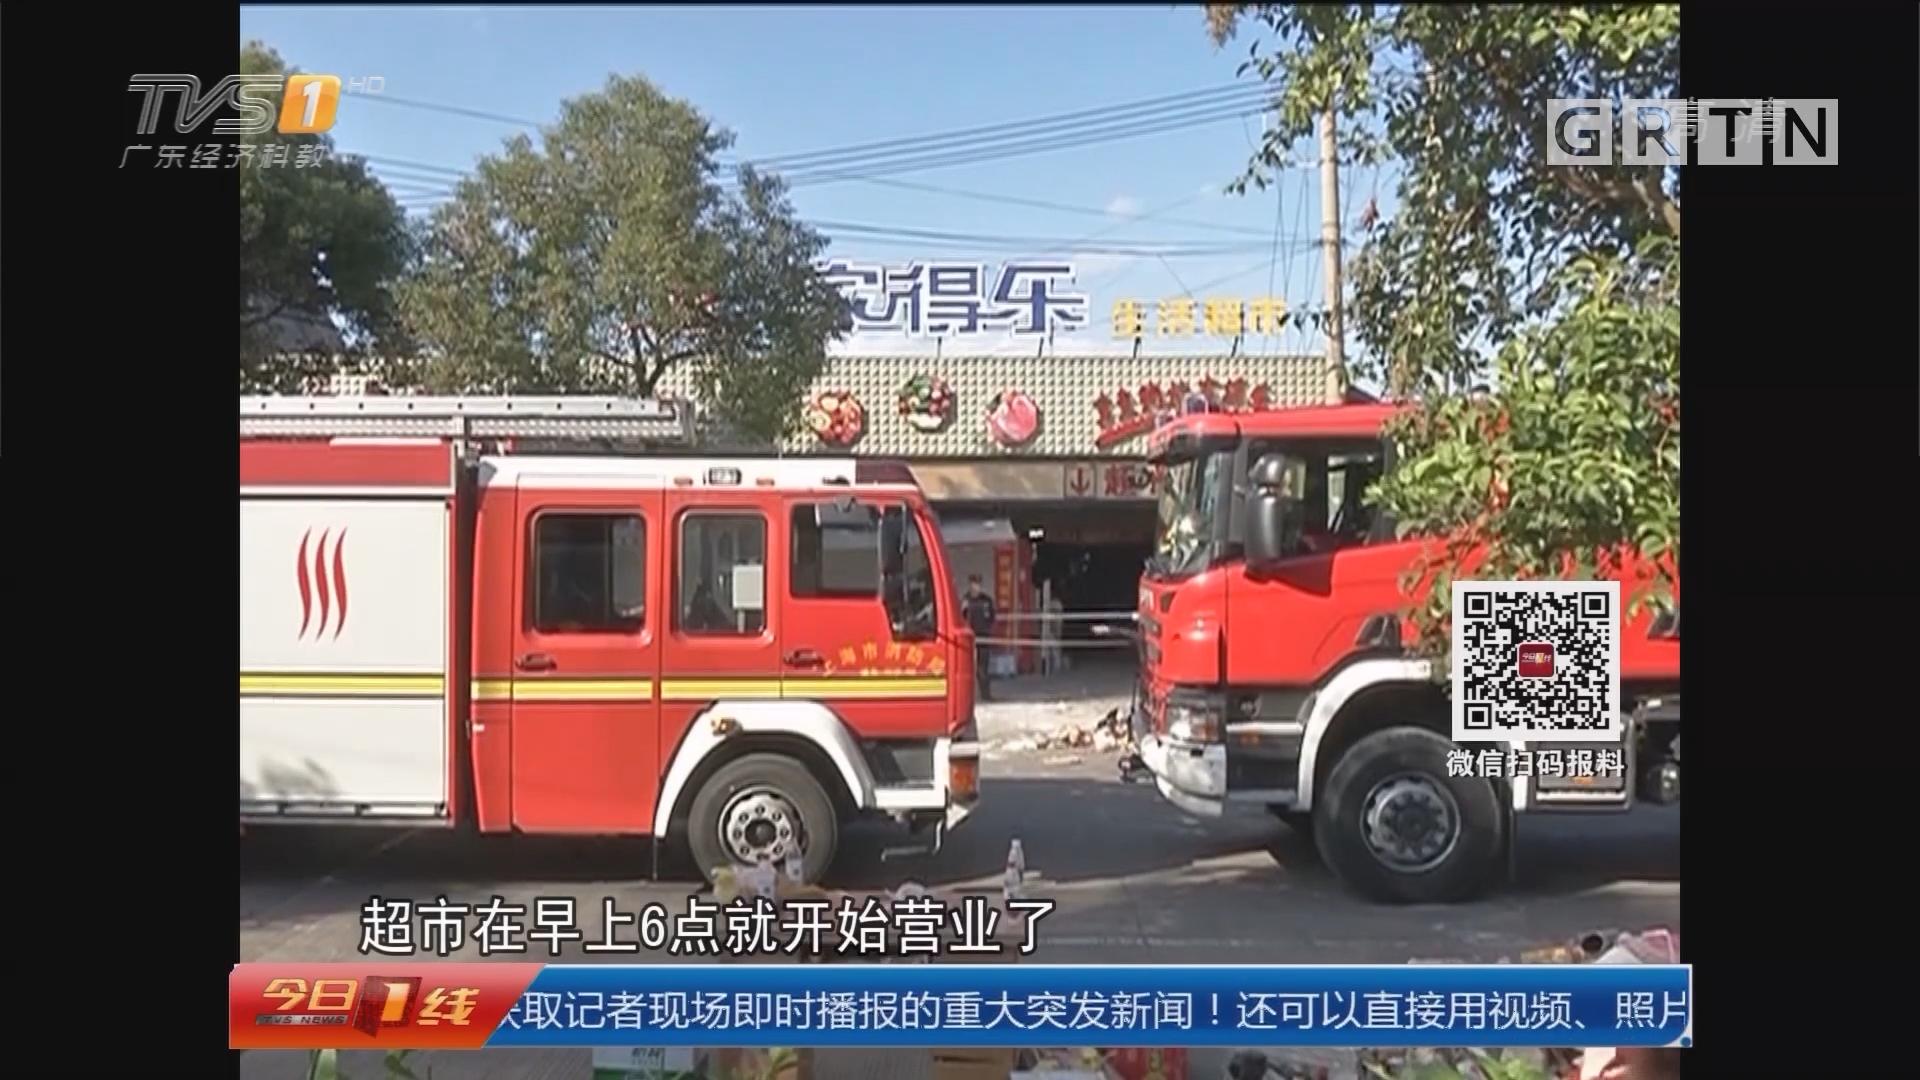 上海浦东:清晨一超市发生局部坍塌事故